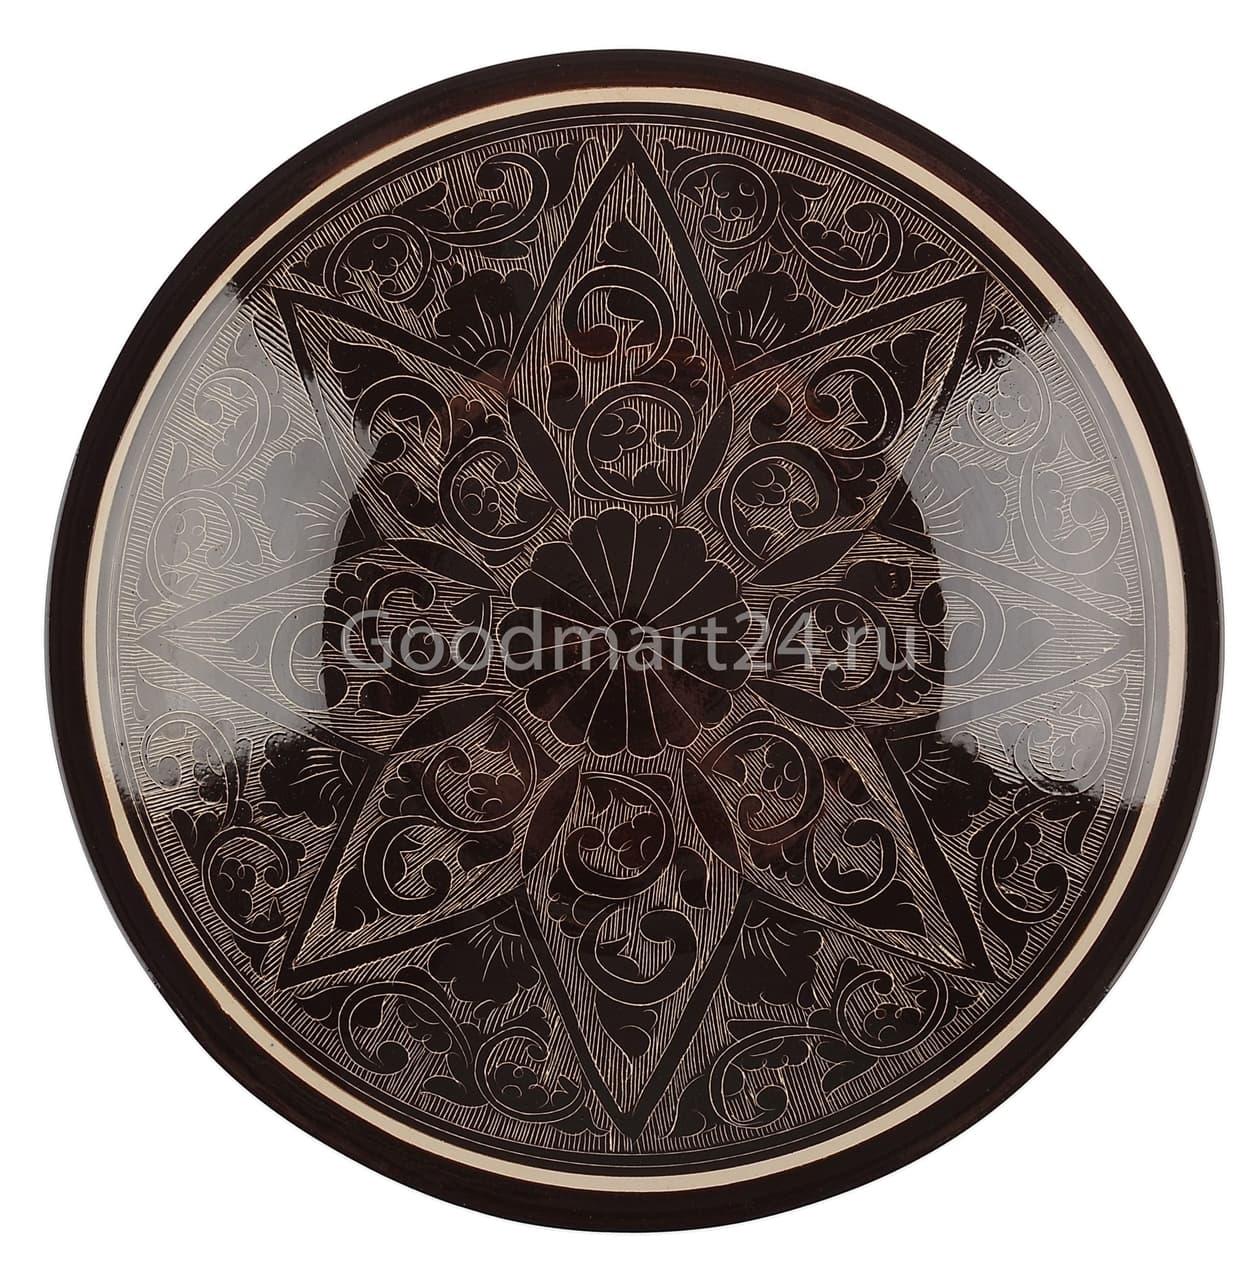 Тарелка плоская Риштанская Керамика 19 см. коричневая - фото 7513